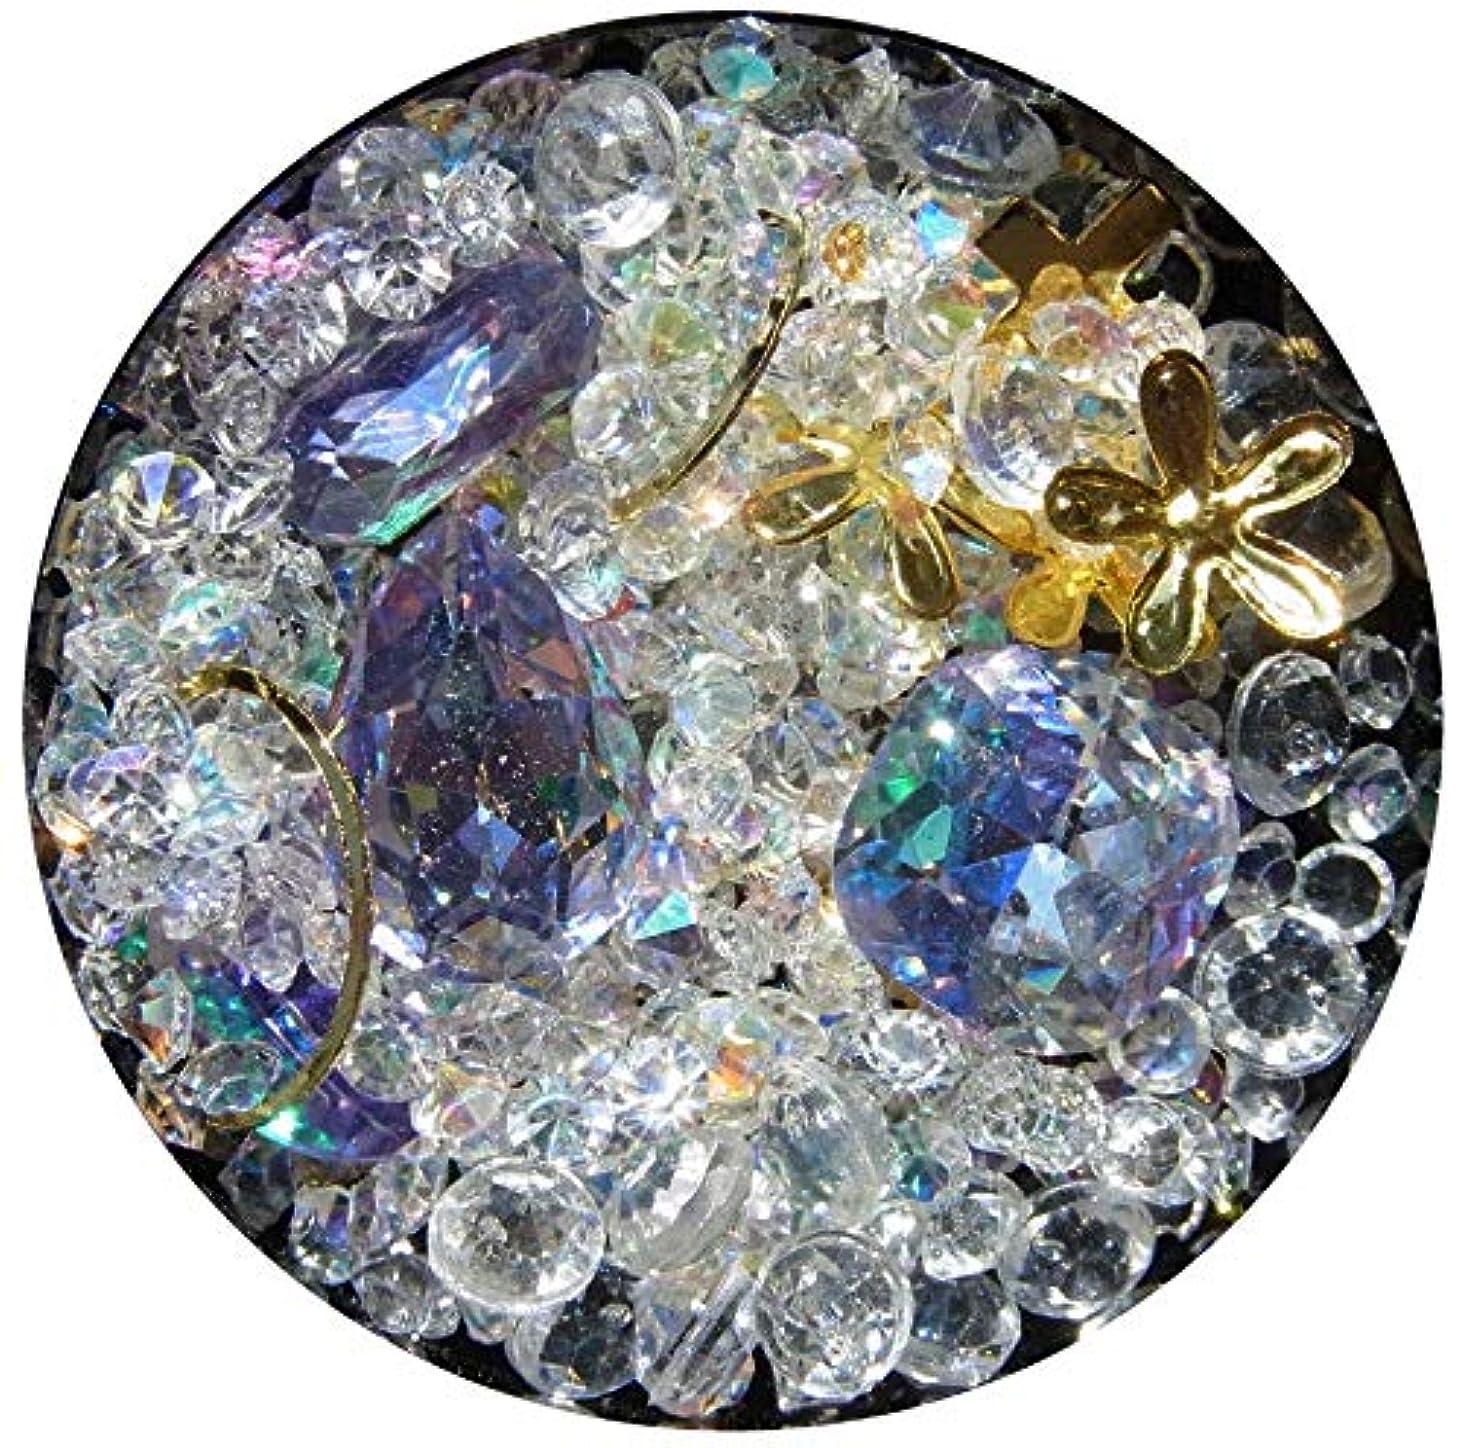 思いつくお誕生日変える【jewel】メタルパーツ ミックス ラインストーン カーブ付きフレーム ゴールド ネイルアートパーツ レジン (3)